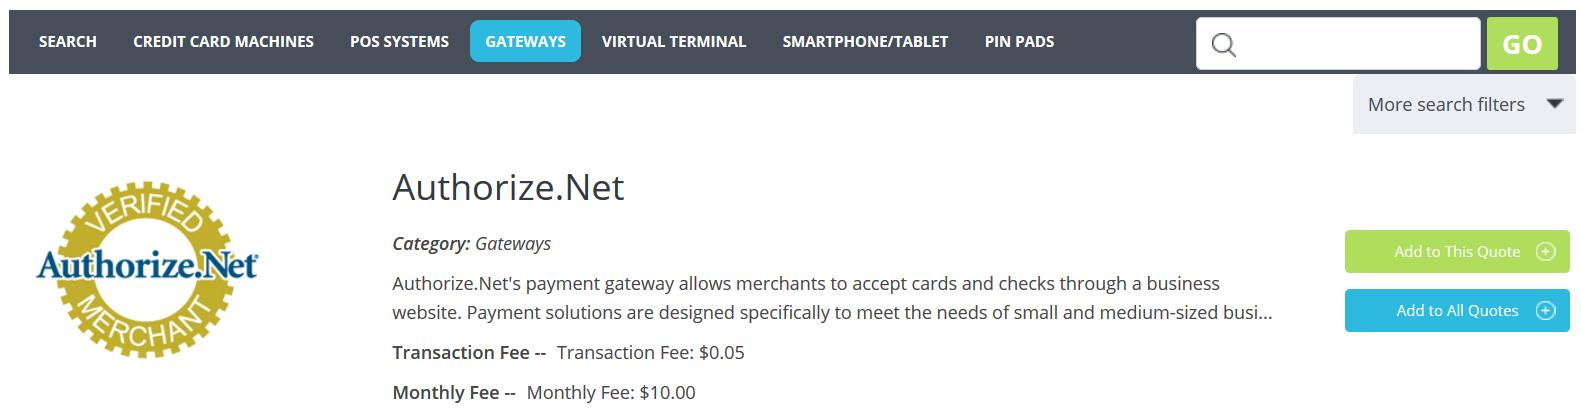 Authorize.Net gateway